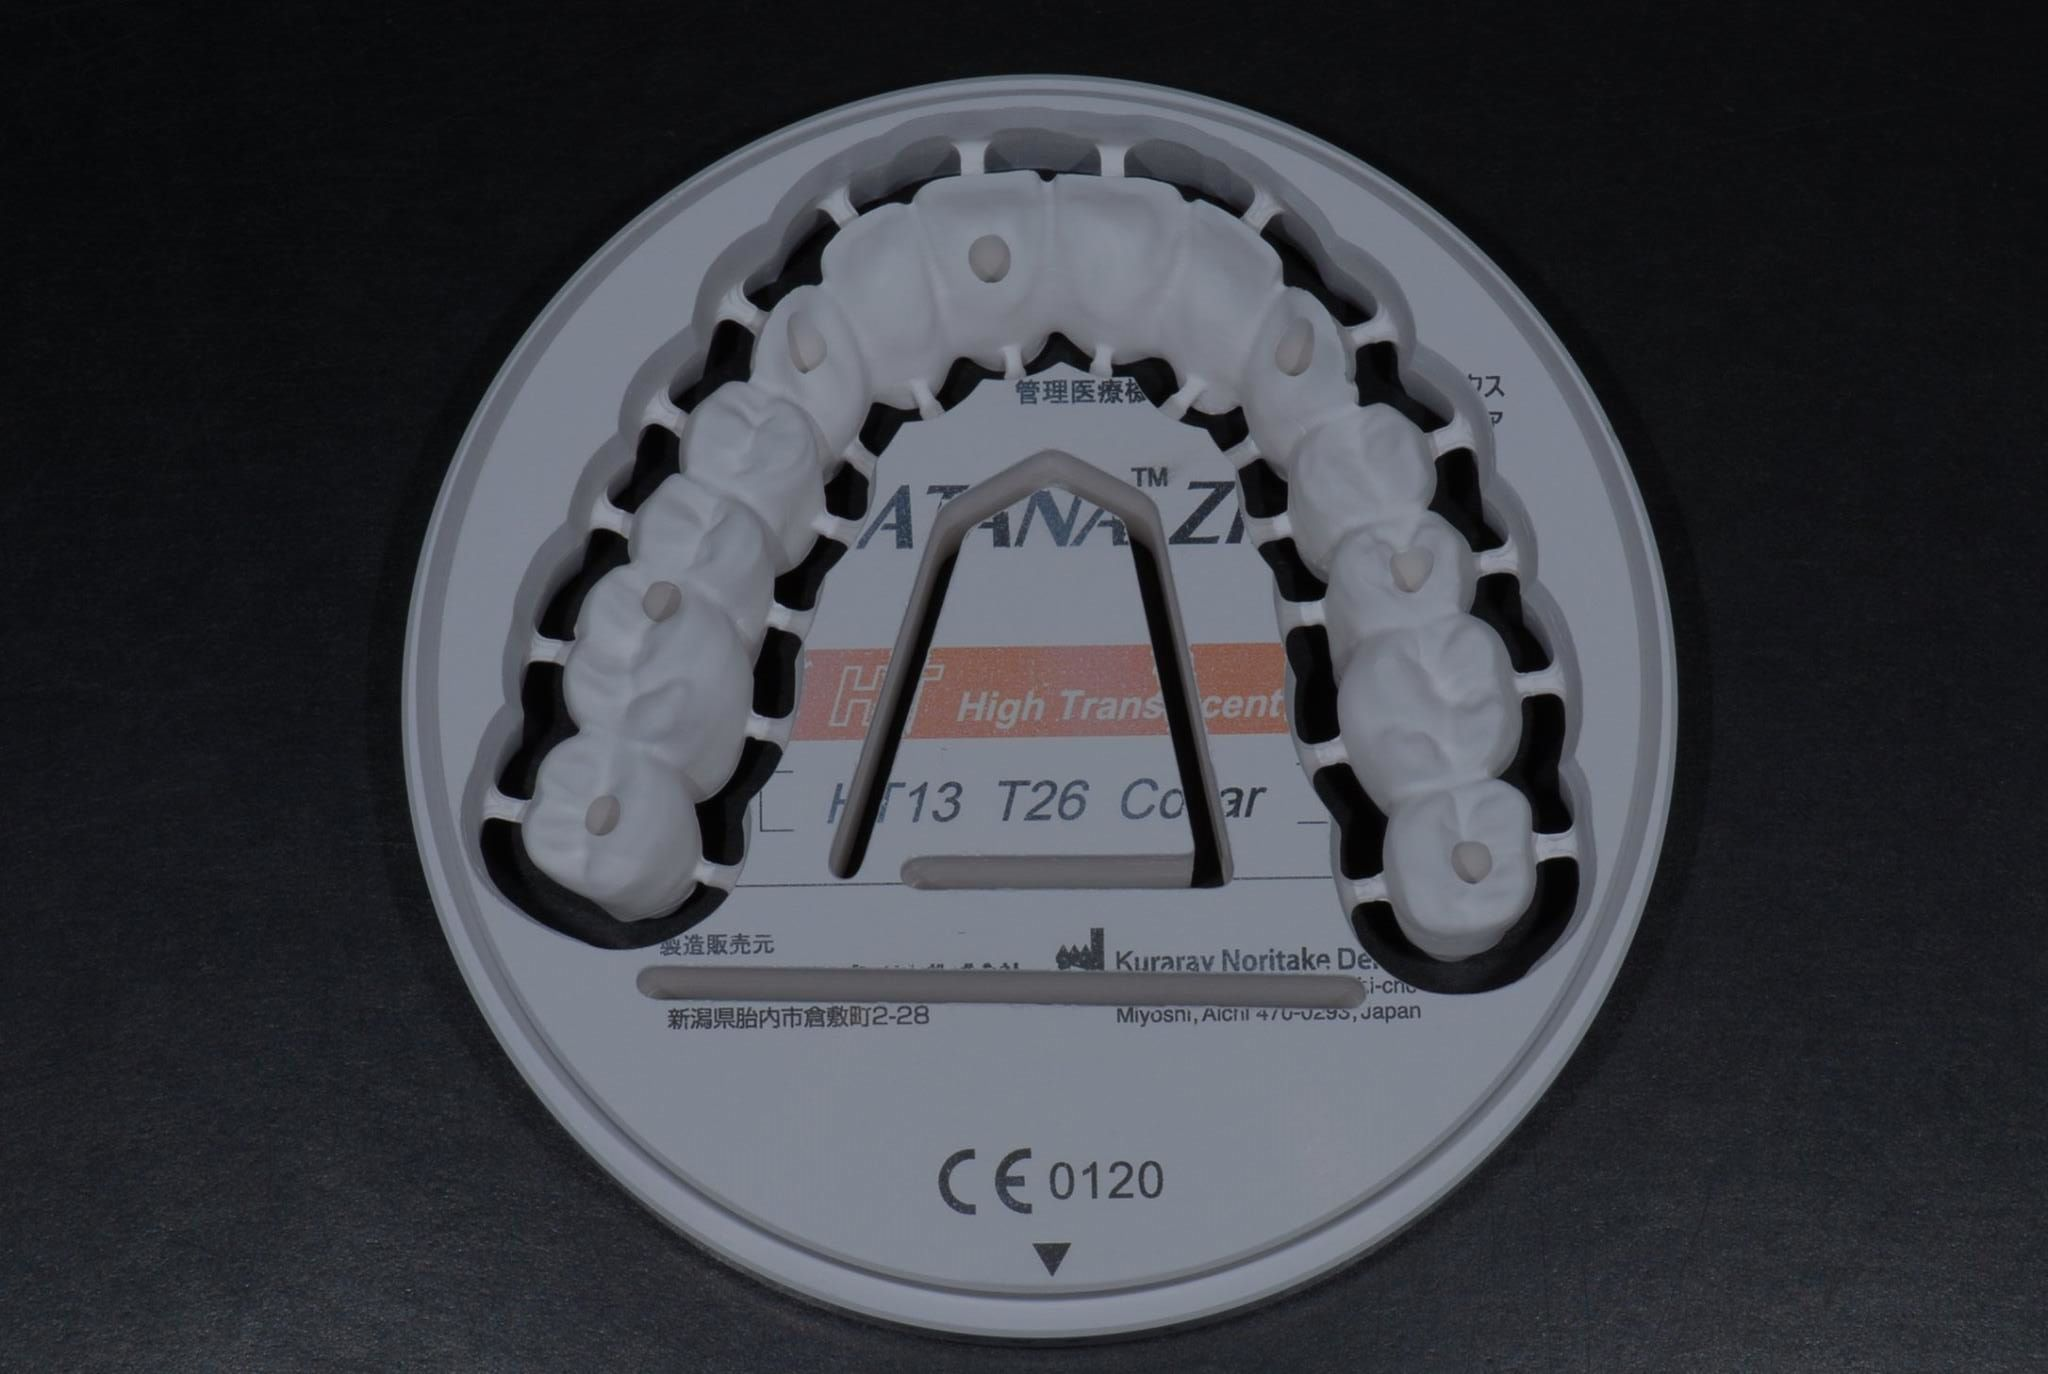 CAD/CAM designet, reduziert 13 - 23, geschliffen